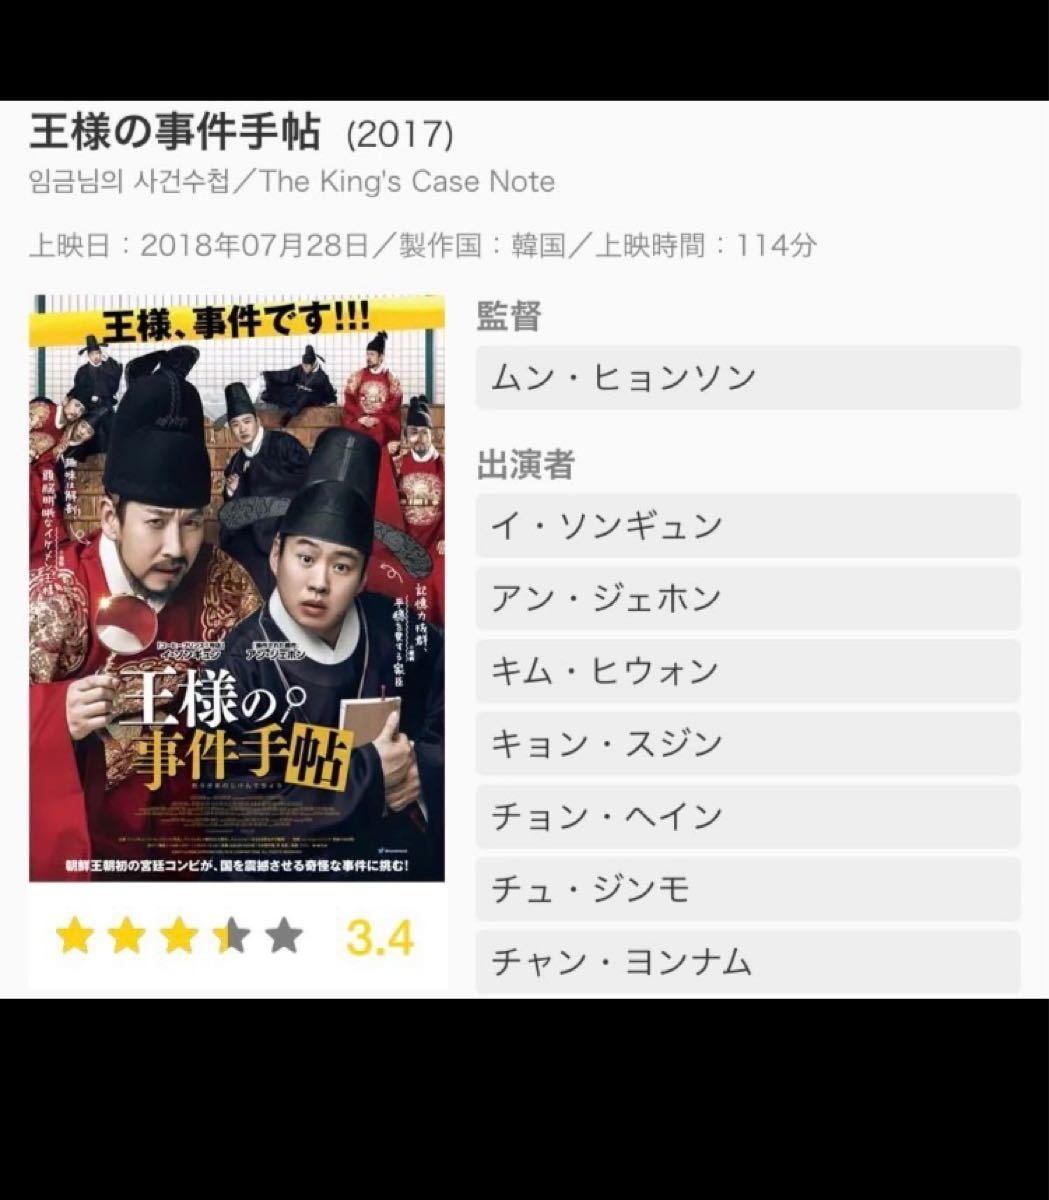 韓国映画DVD 【王様の事件手帖】チョン・ヘイン出演! イ・ソンギュン アン・ジェホン